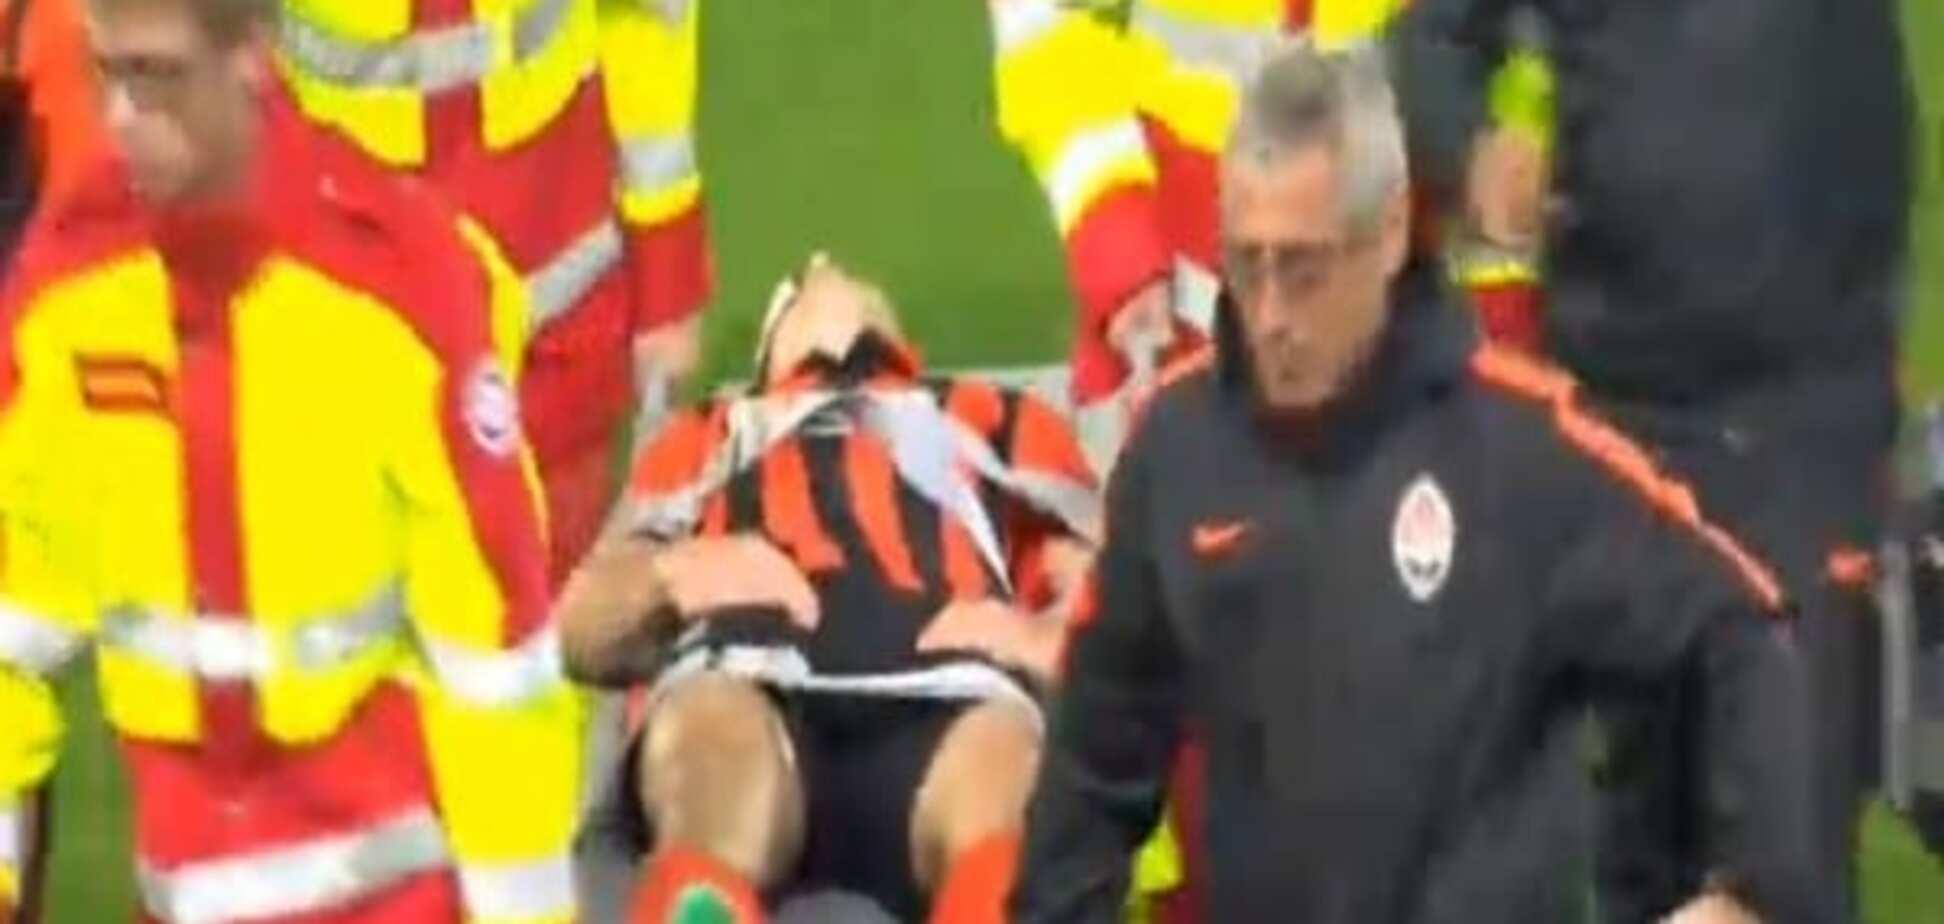 Со стадиона - в больницу: футболист 'Шахтера' получил серьезную травму в матче с 'Рапидом'